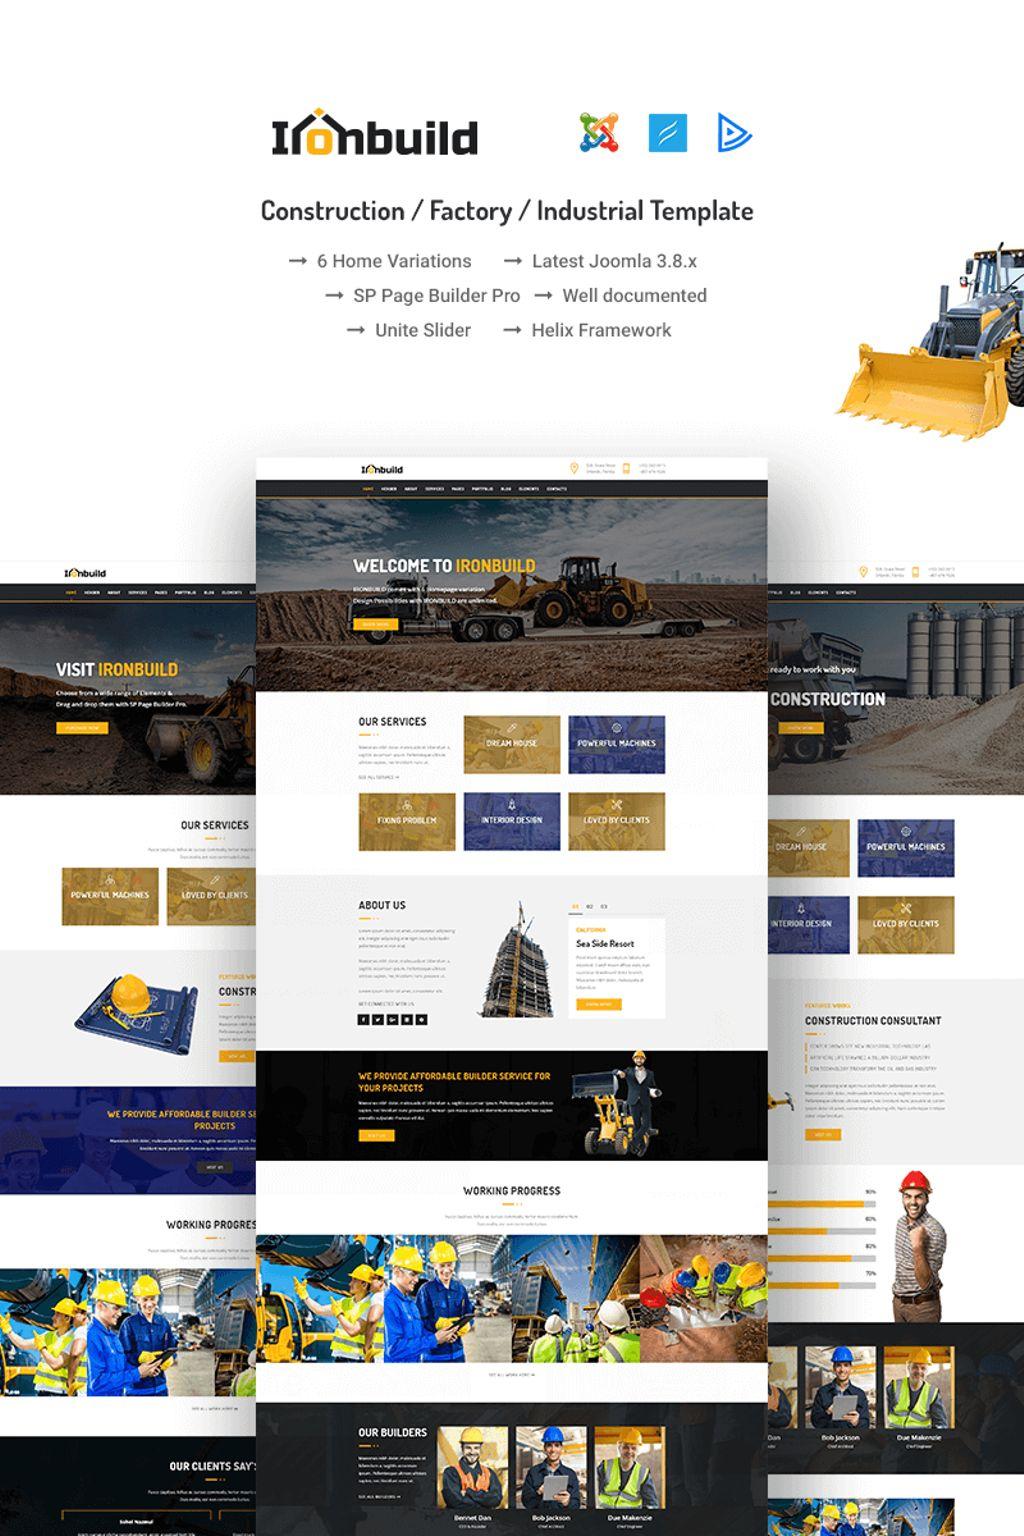 Ironbuild - Construction / Factory / Industrial Joomla Template